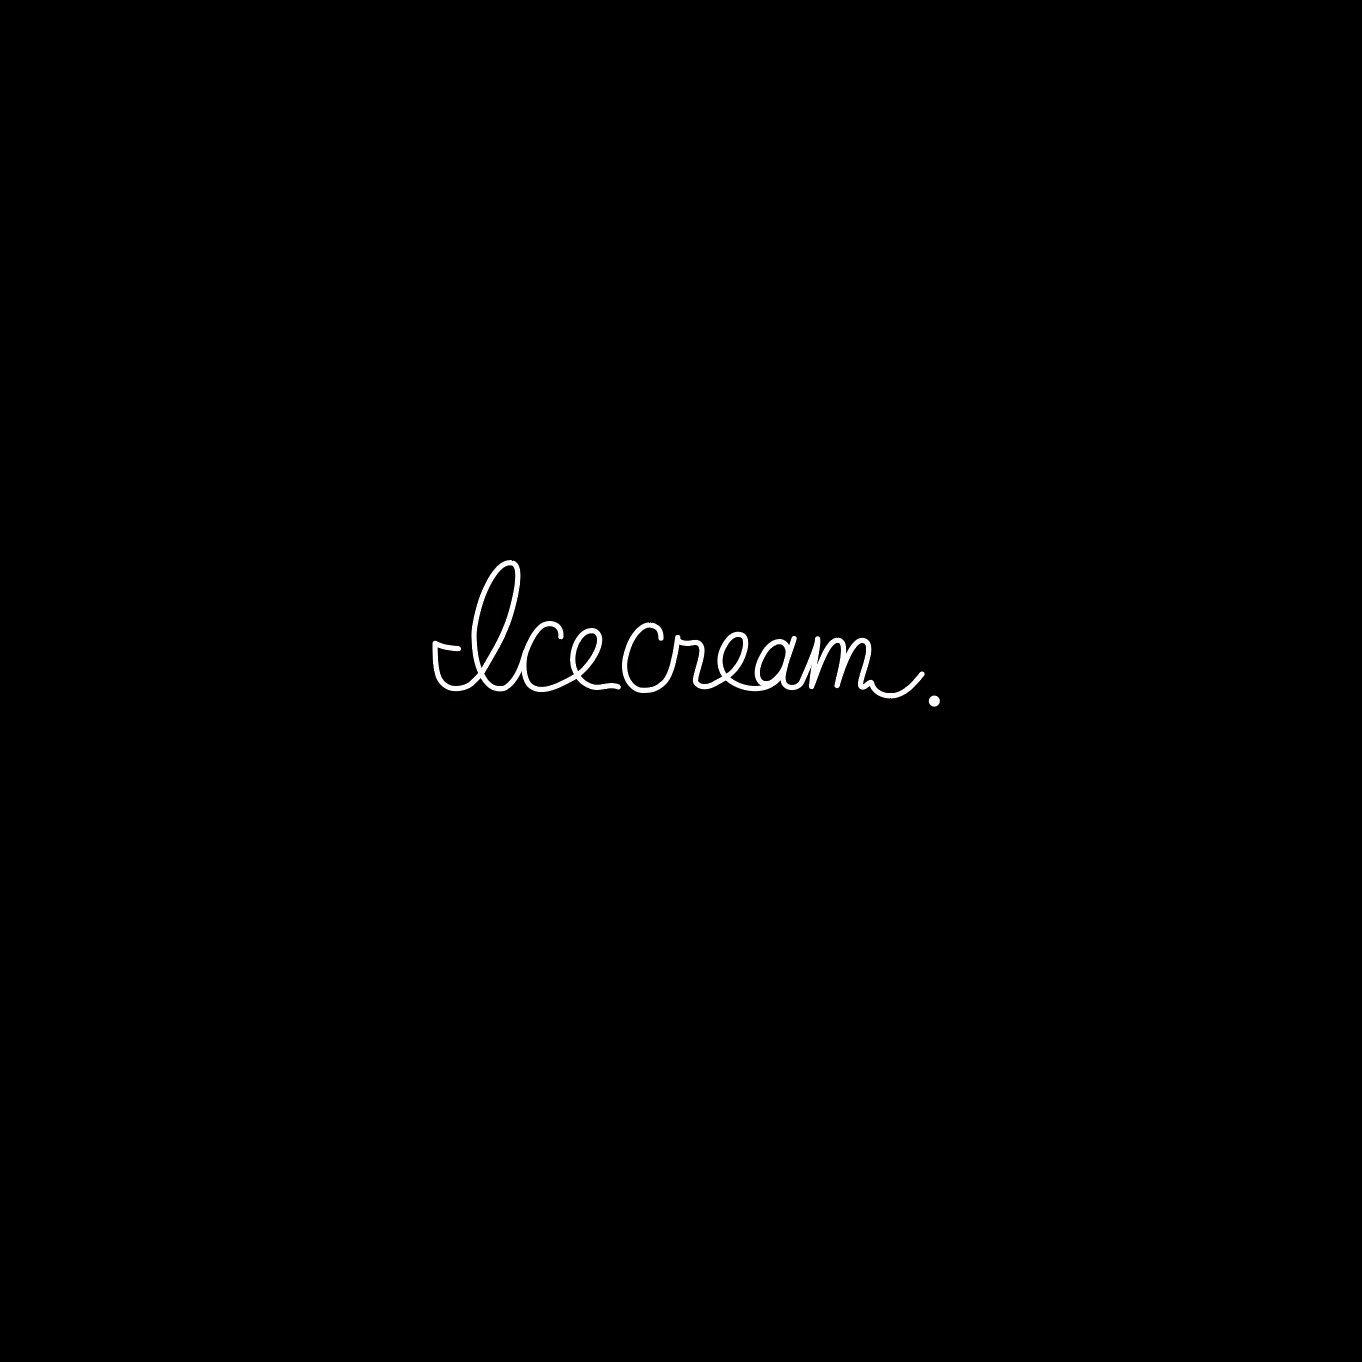 BATACO、新曲『Icecream』を公開しました!